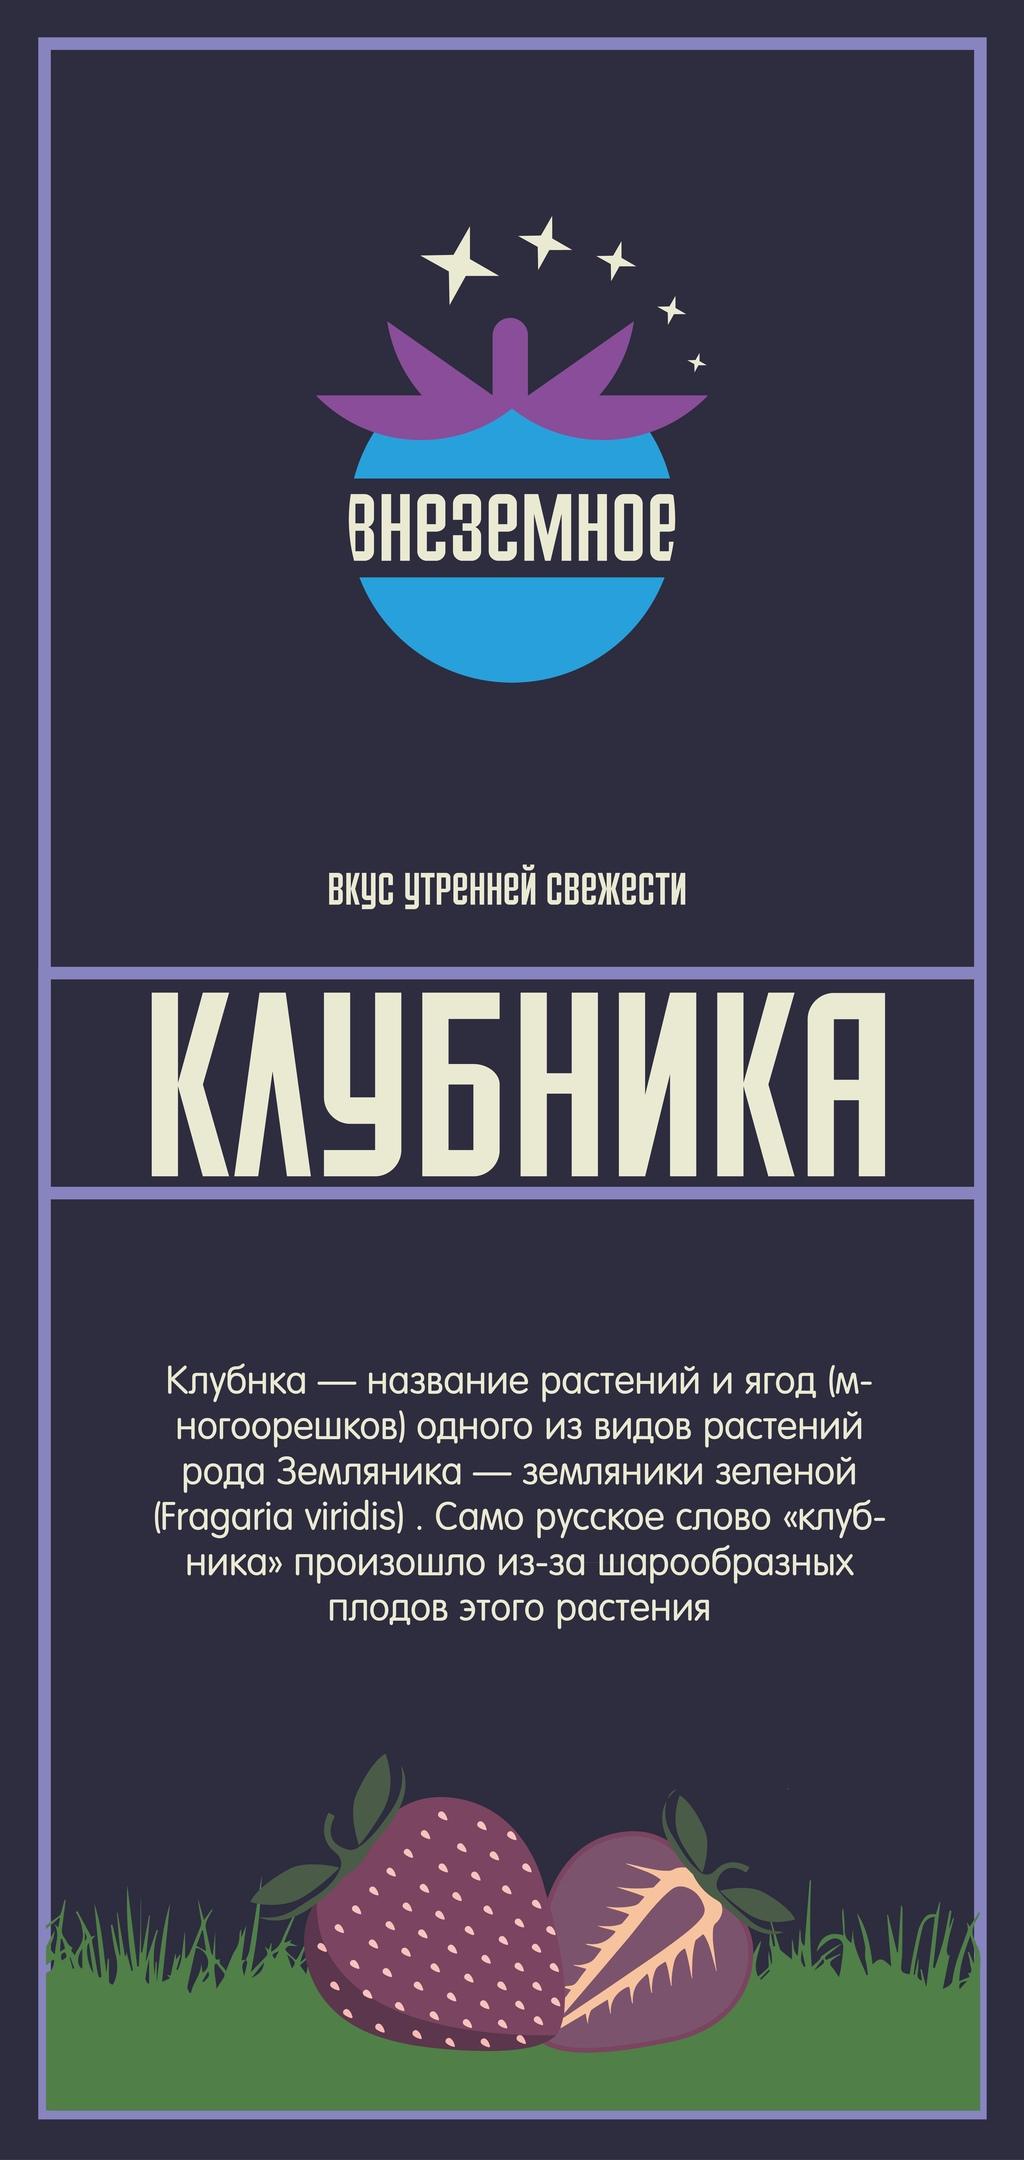 """Логотип и фирменный стиль """"Внеземное"""" фото f_0145e774da8abc97.jpg"""